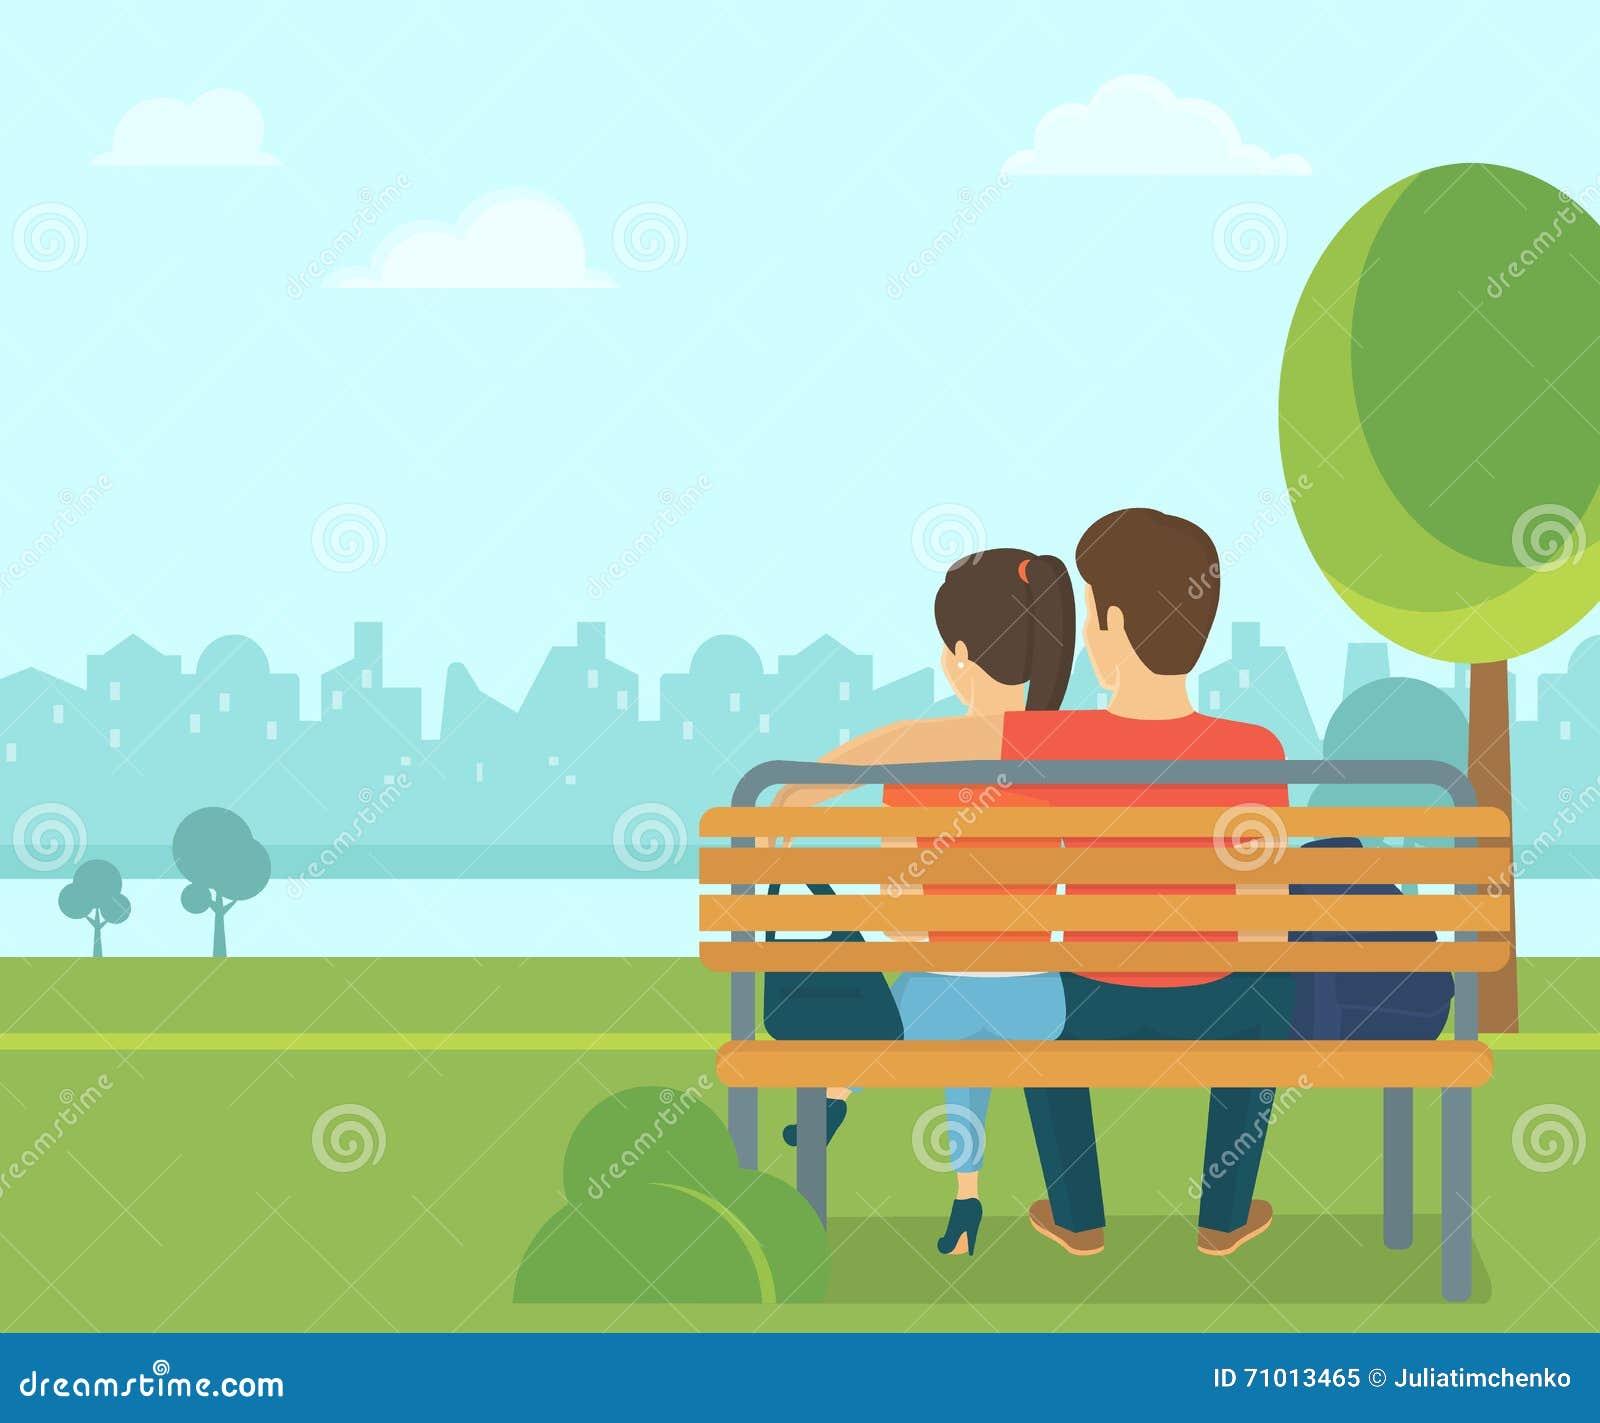 Prozentsatz der Online-Dating-Ehen, die in der Scheidung enden